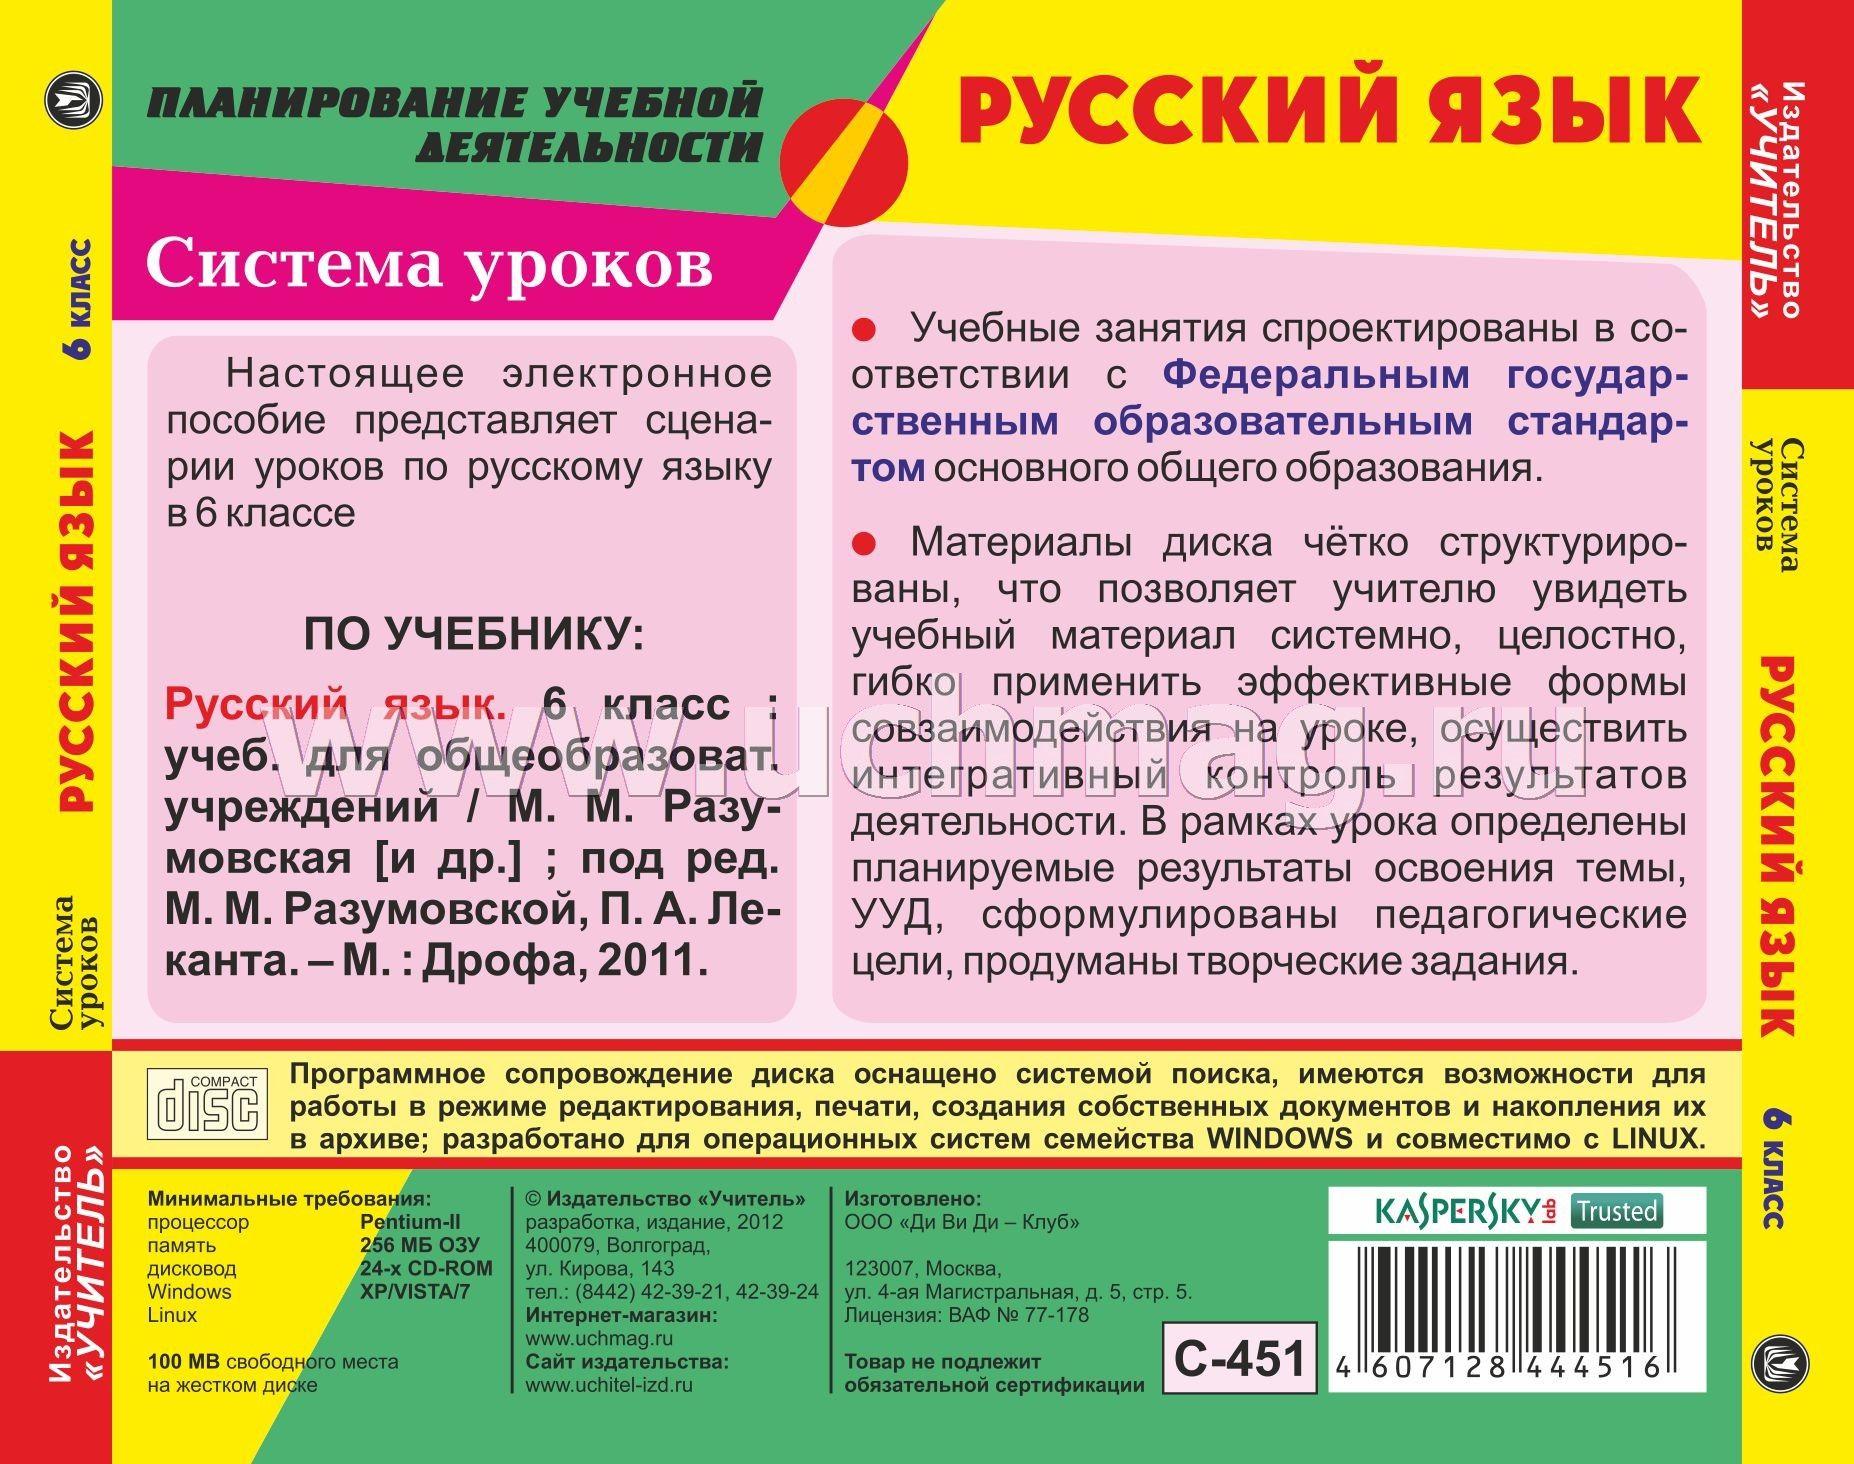 uroven-uchebnik-russkiy-yazik-razumovskoy